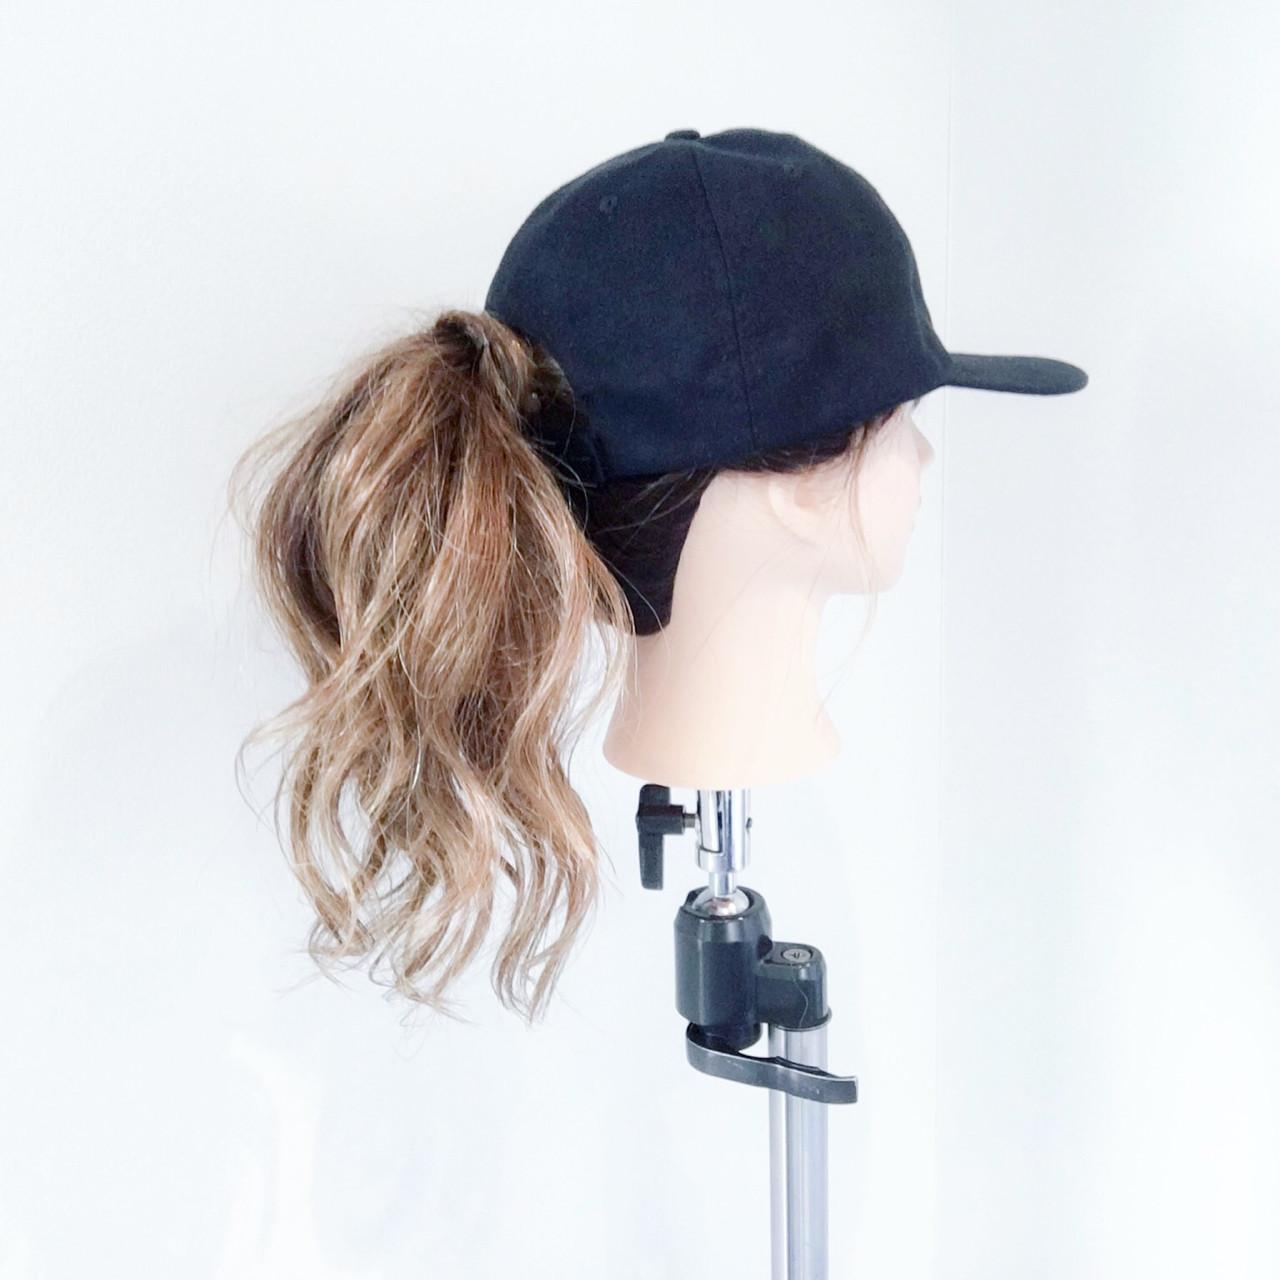 ポニーテール ロング ストリート ヘアアレンジ ヘアスタイルや髪型の写真・画像